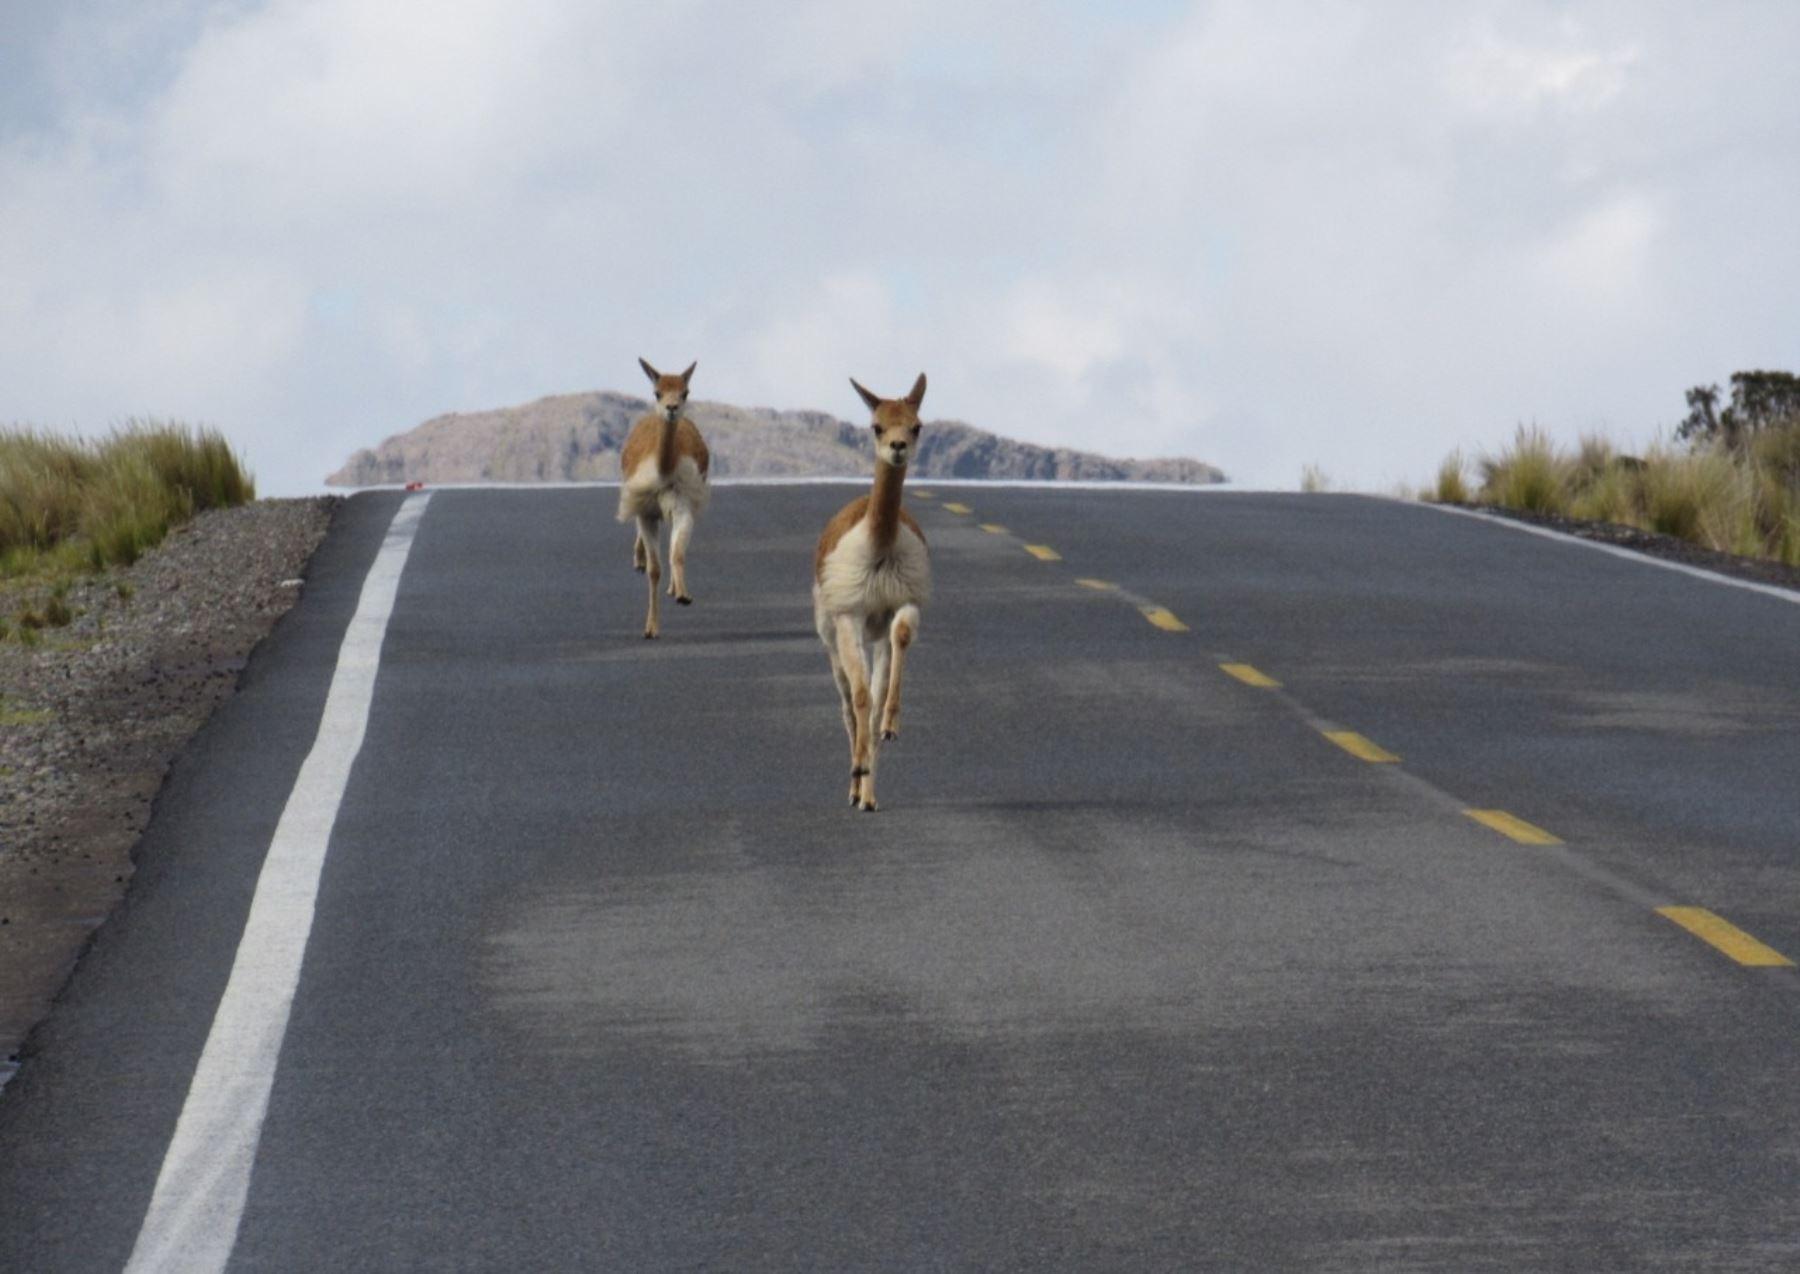 Vicuñas, osos de anteojos y otros animales silvestres caminan tranquilos y se dejan ver en las áreas naturales protegidas de Perú en estos tiempos de cuarentena por el coronavirus.